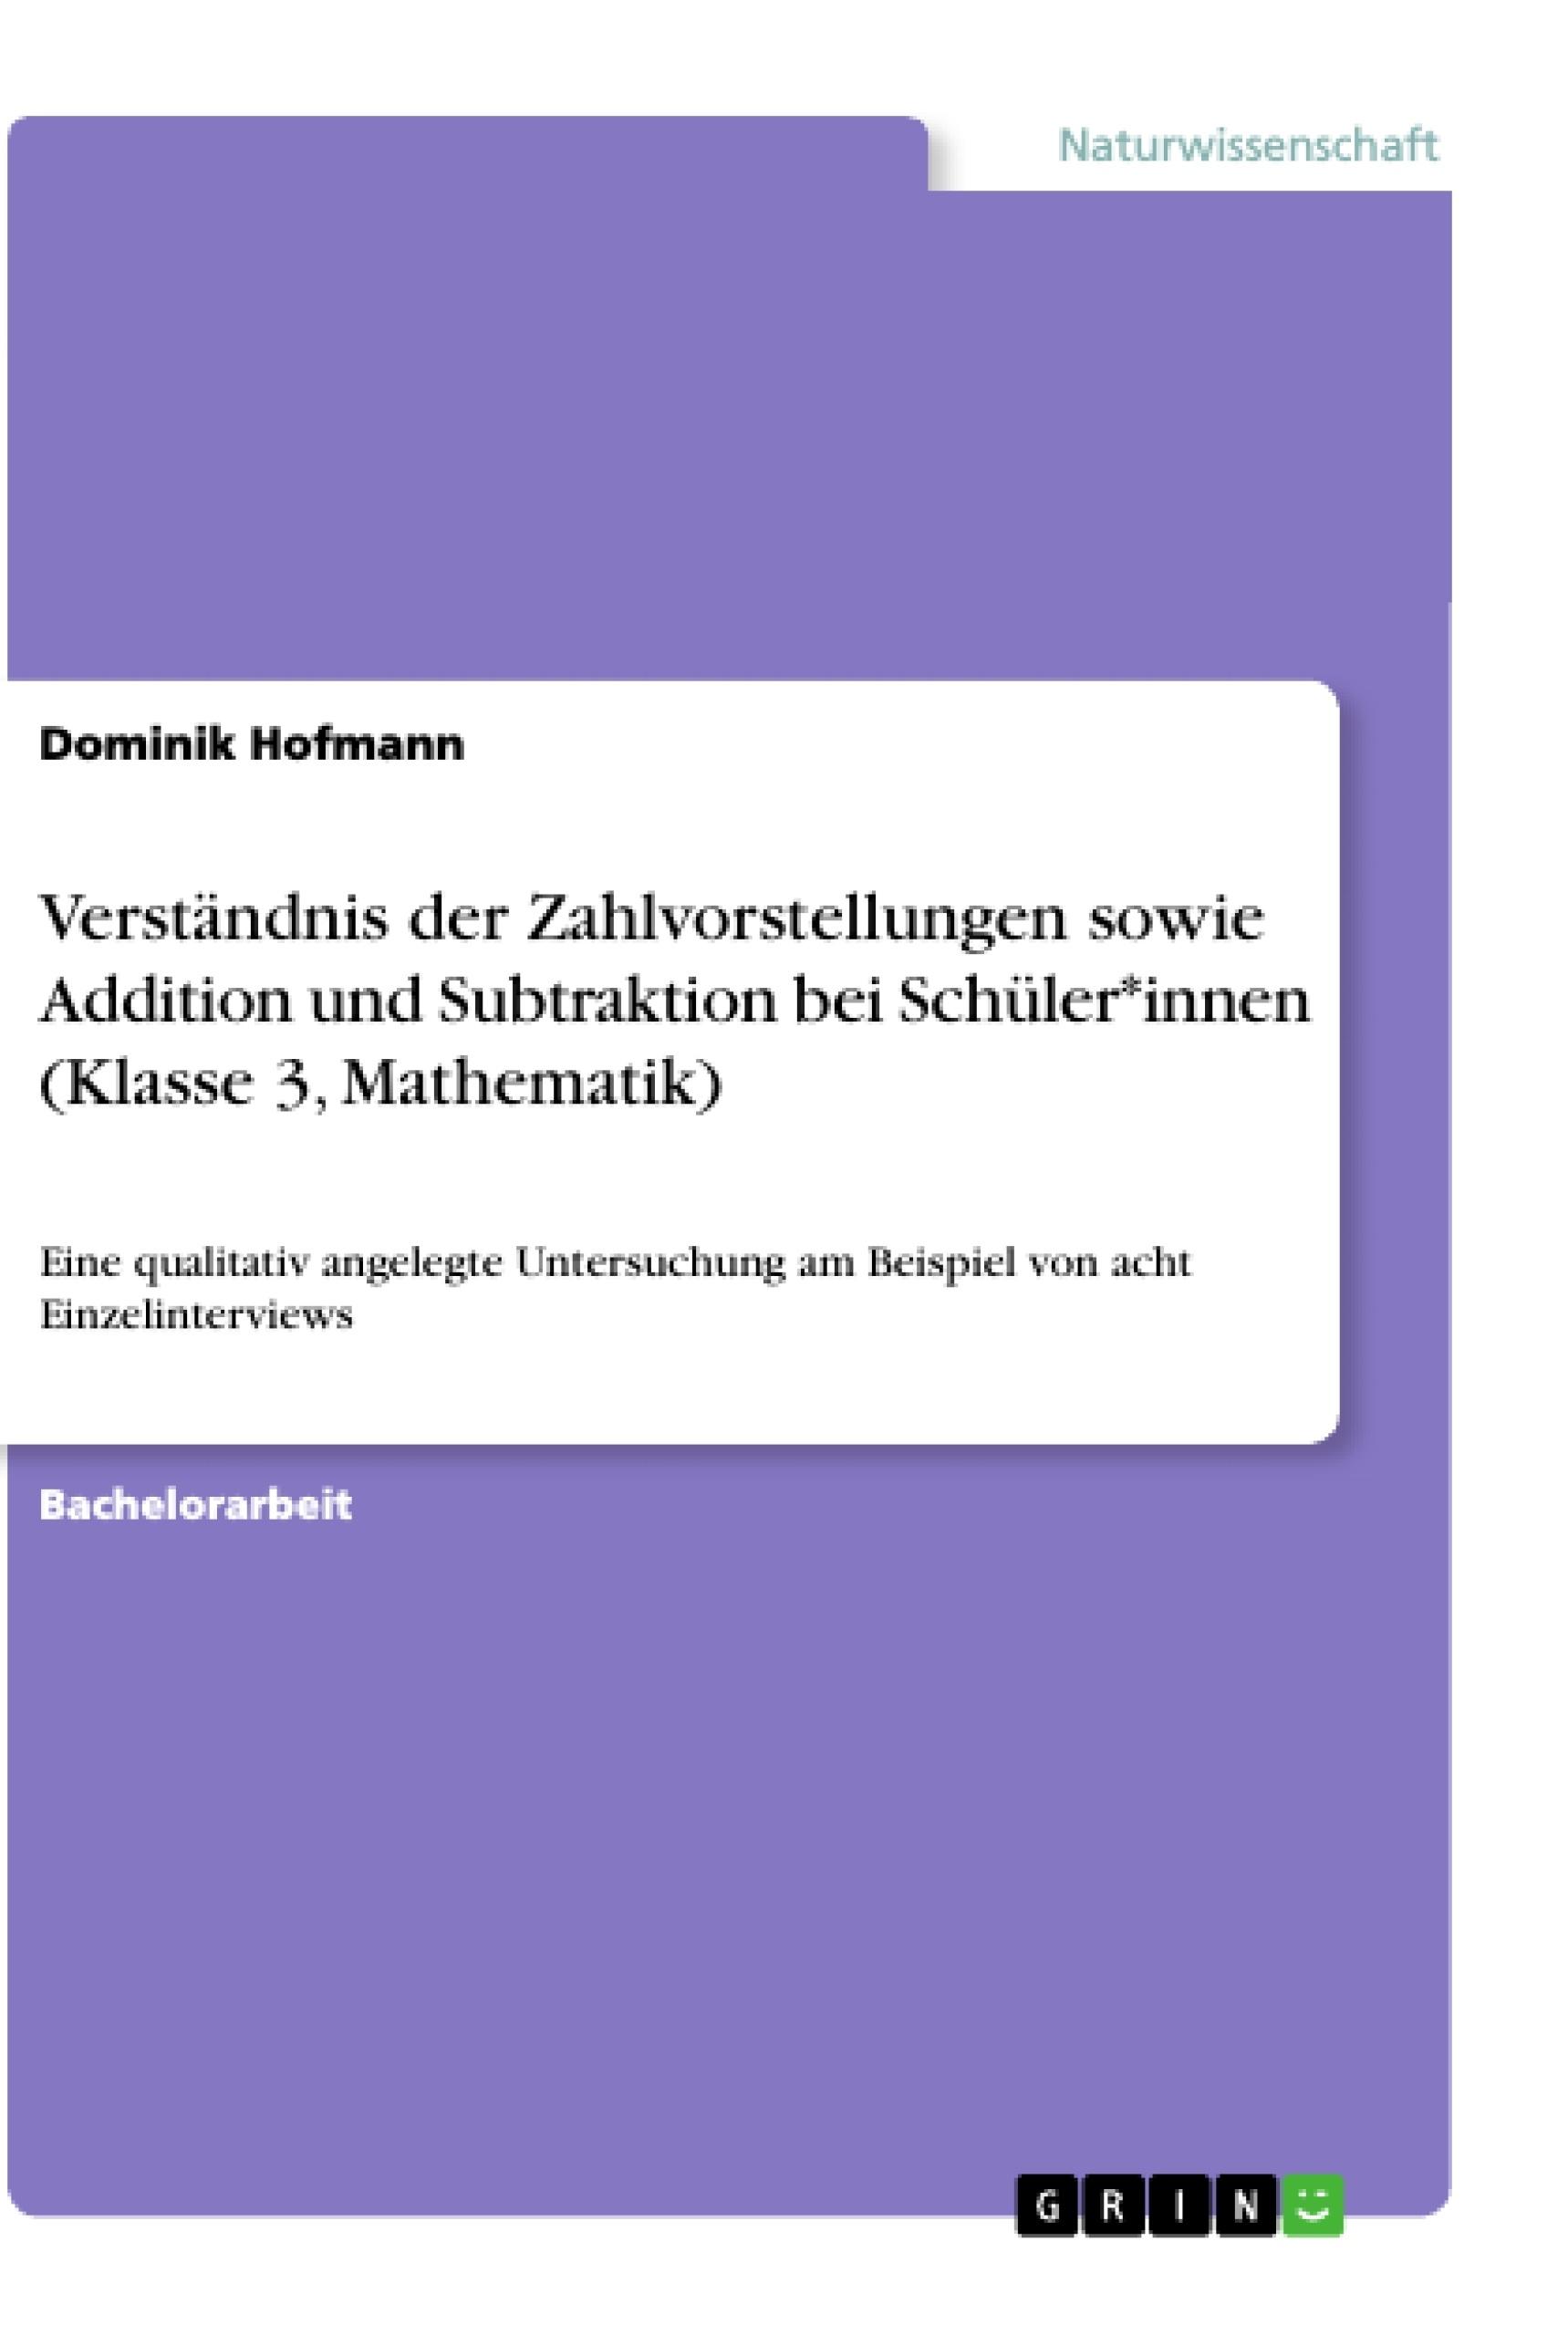 Titel: Verständnis der Zahlvorstellungen sowie Addition und Subtraktion bei Schüler*innen (Klasse 3, Mathematik)